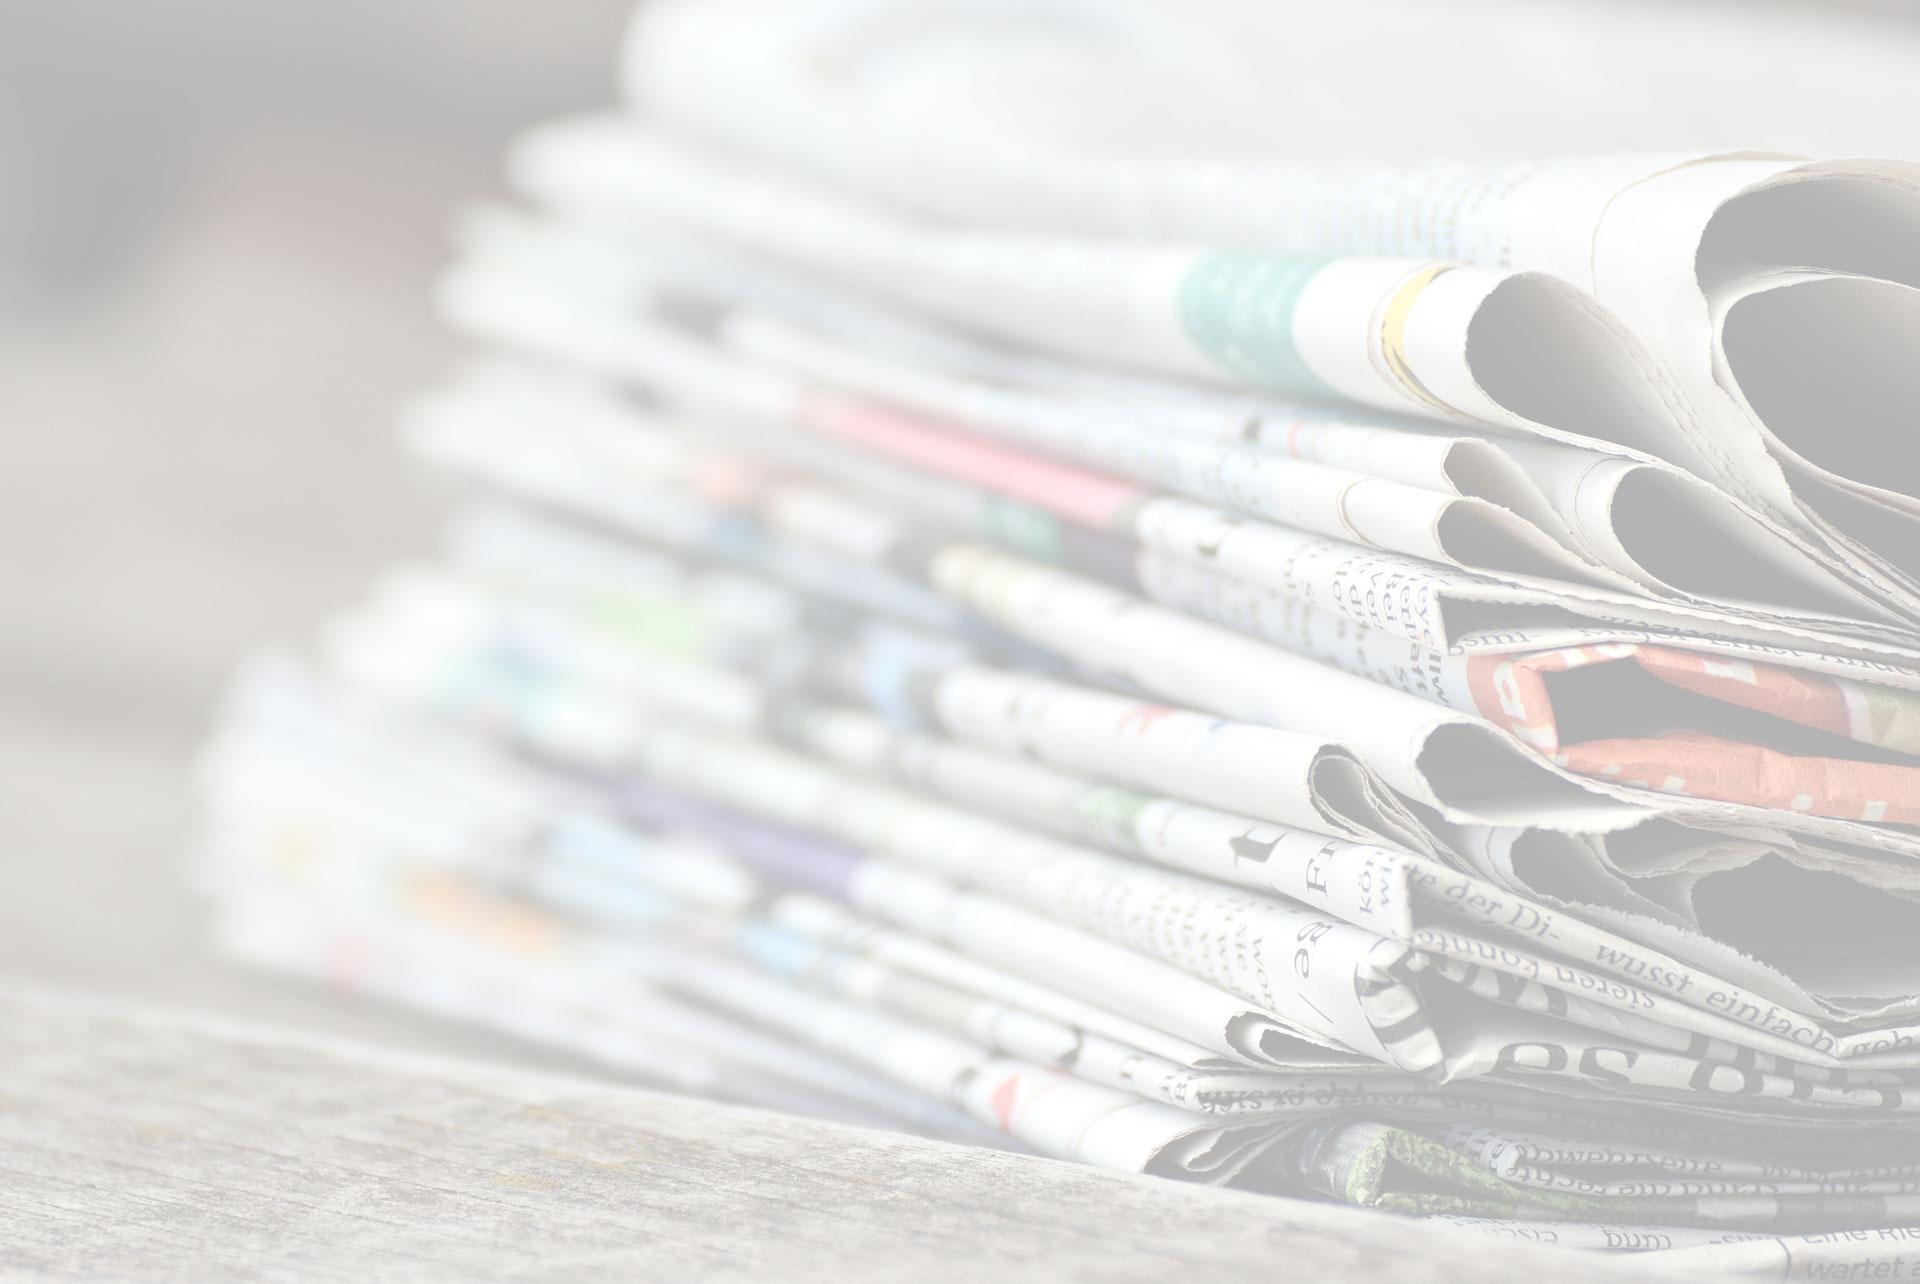 Striscione contro Salvini Bremabate